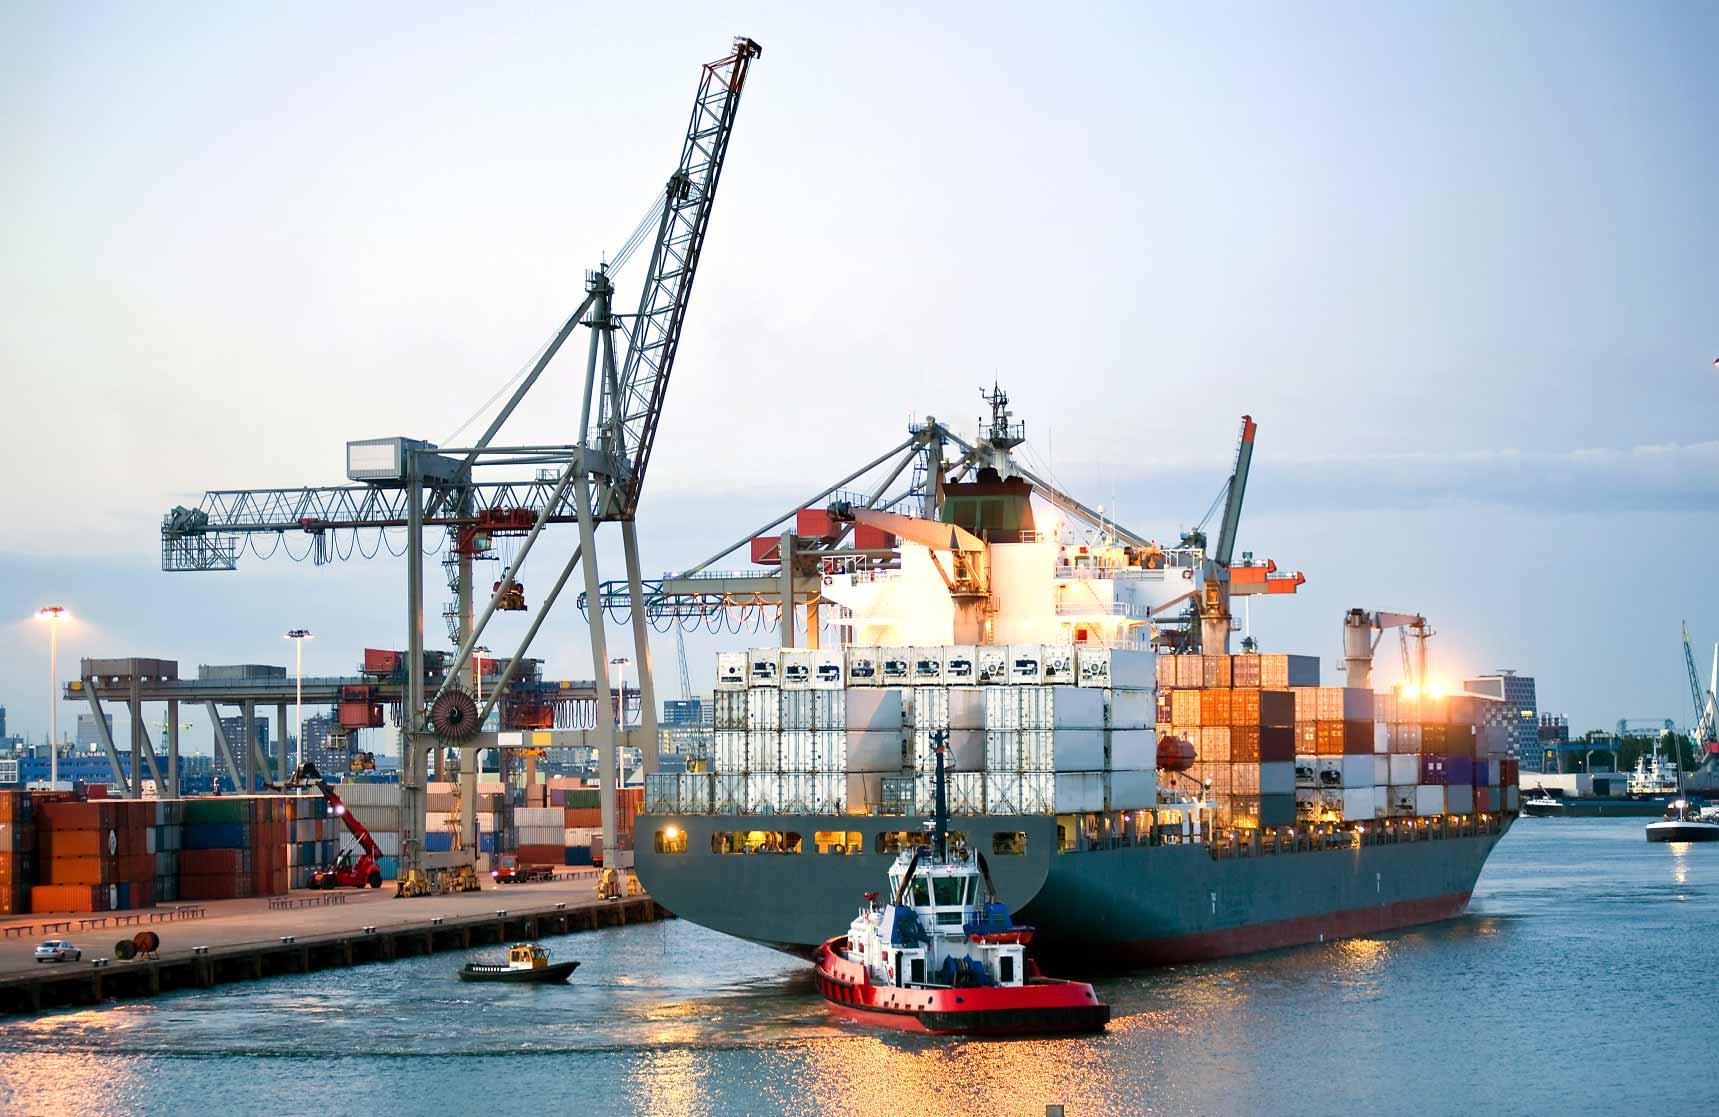 Hàng hóa xuất khẩu thương mại cần qua những thủ tục hải quan gì?